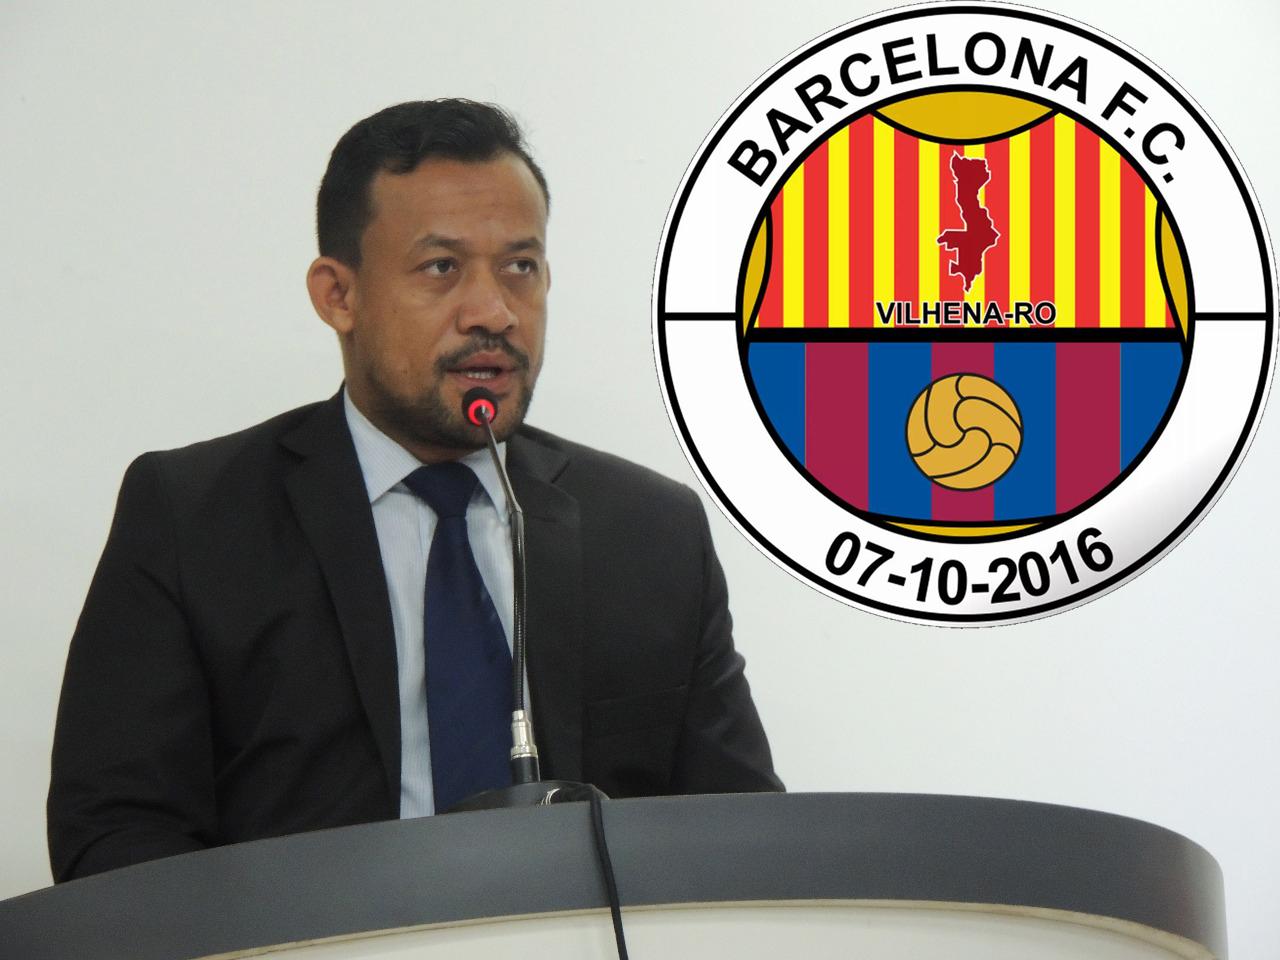 França Silva sente orgulho pelo alto nível de futebol que o Barcelona apresentou durante o Rondoniense